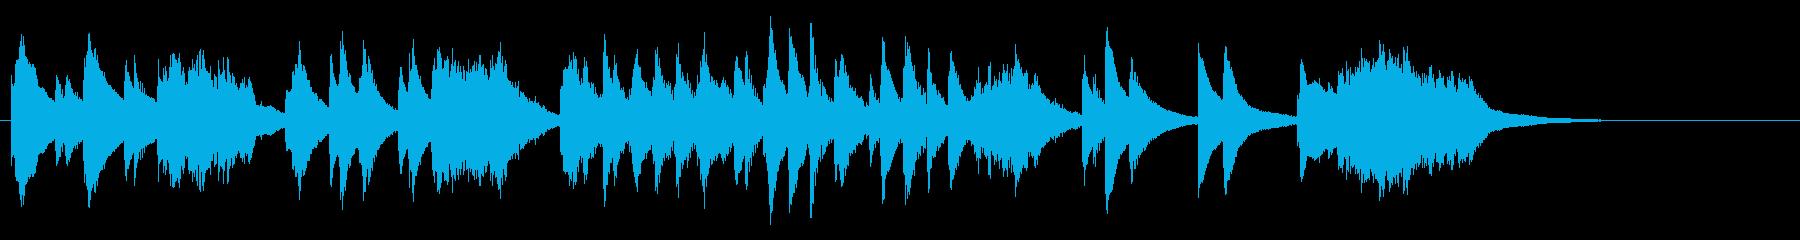 2台のマリンバ、まったり30秒ジングルの再生済みの波形